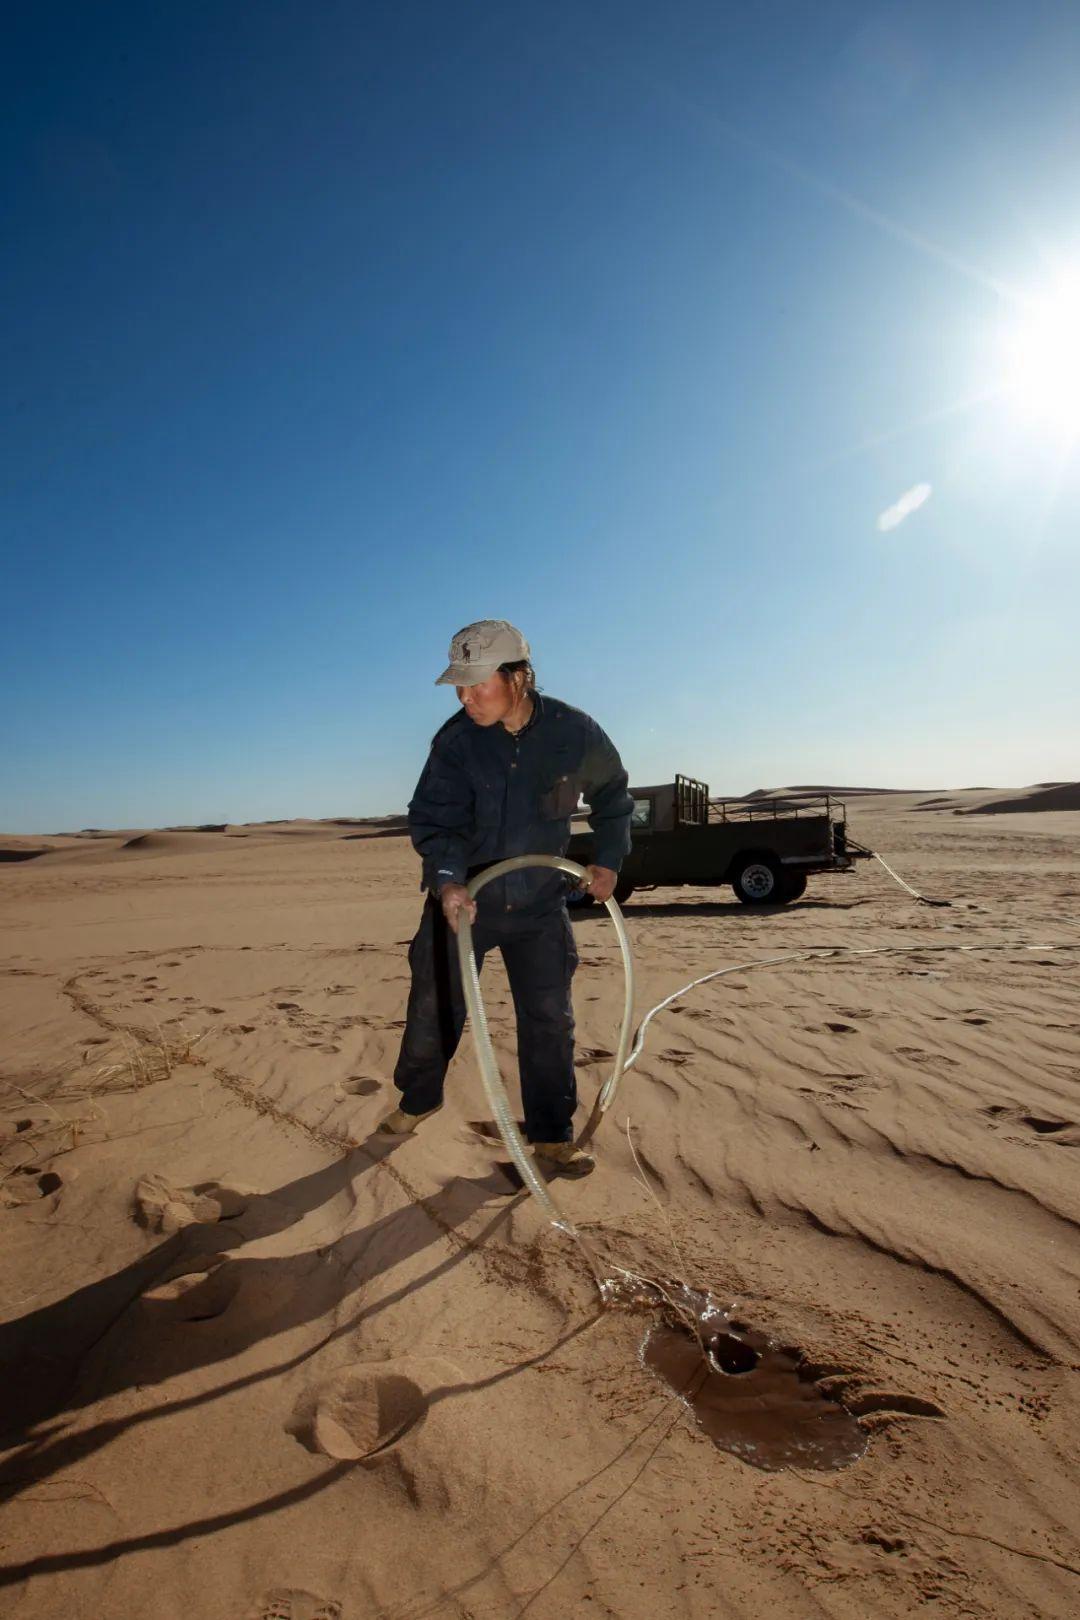 内蒙古当地村民在荒漠区种植梭梭树